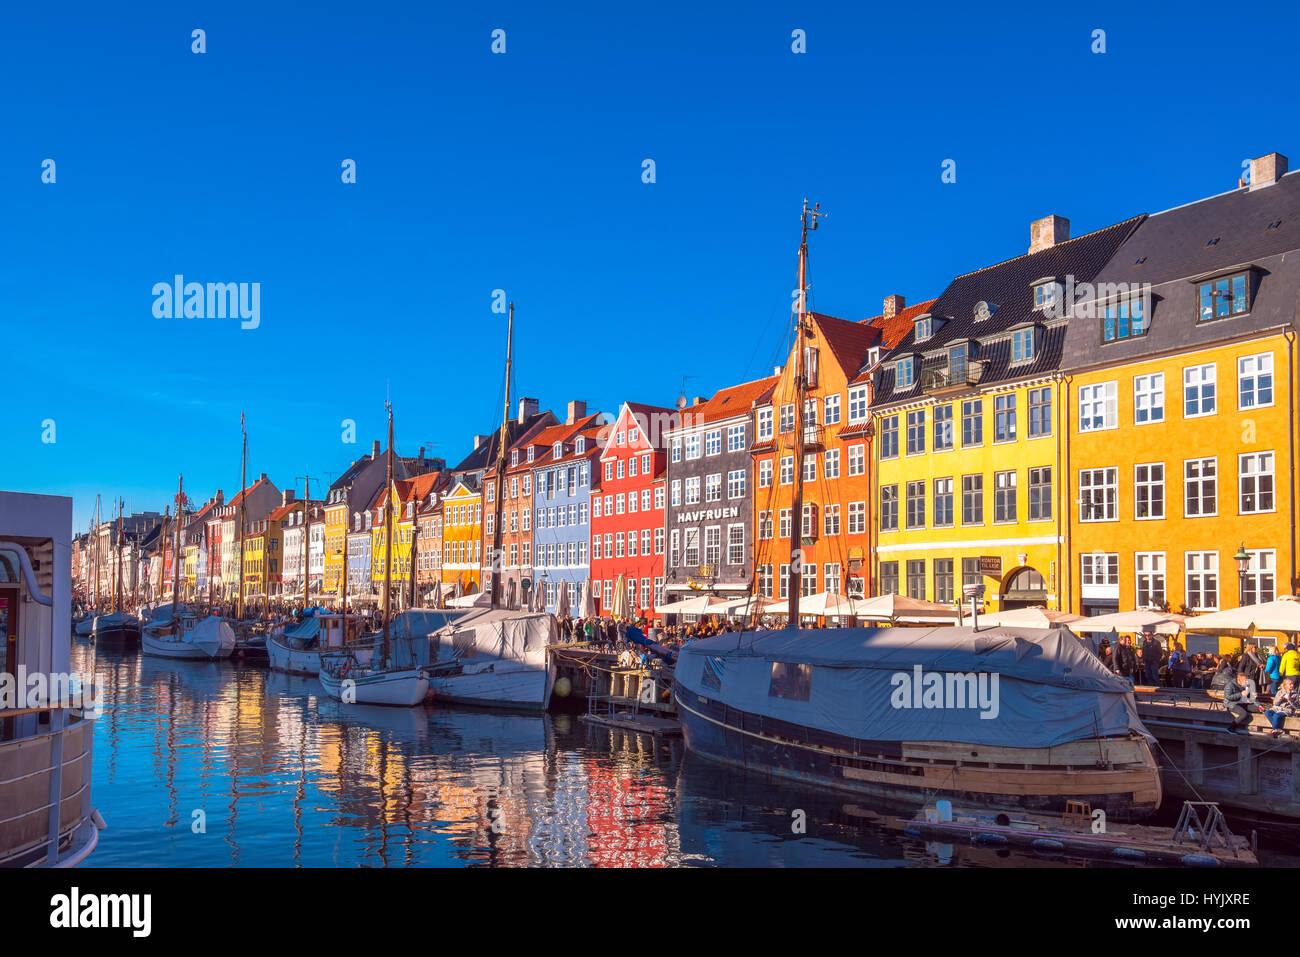 COPENHAGEN, Danimarca - 11 Marzo 2017: Copenhagen Nyhavn canal e il lungomare con le sue facciate colorate, xvii Immagini Stock